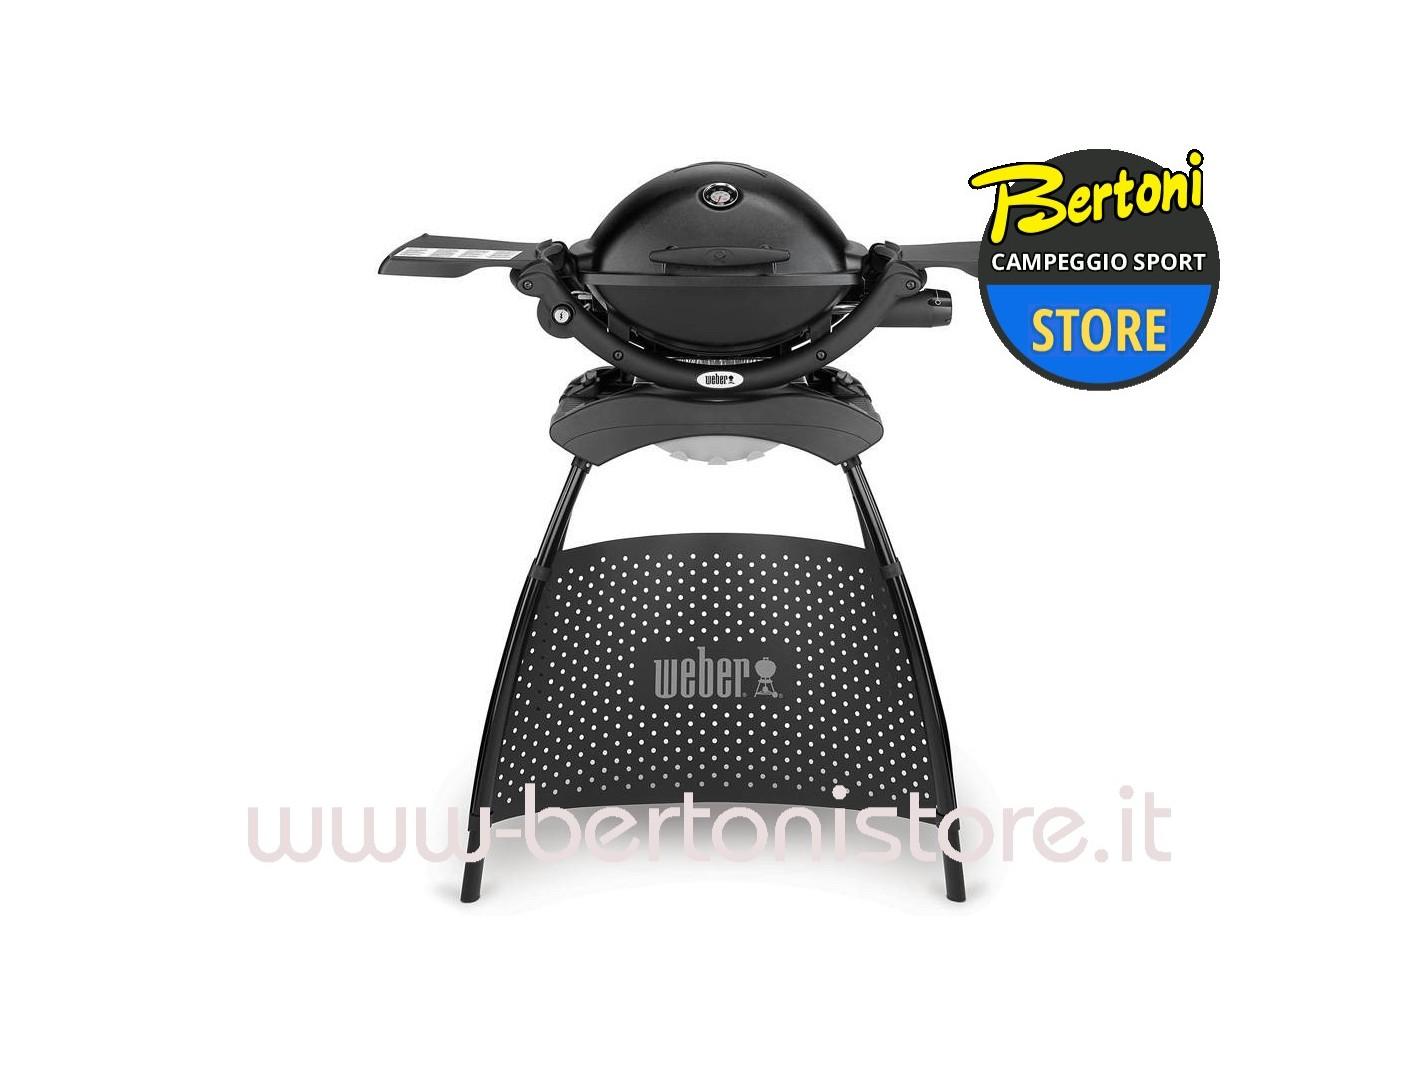 Barbecue - Bertoni Store - Milano